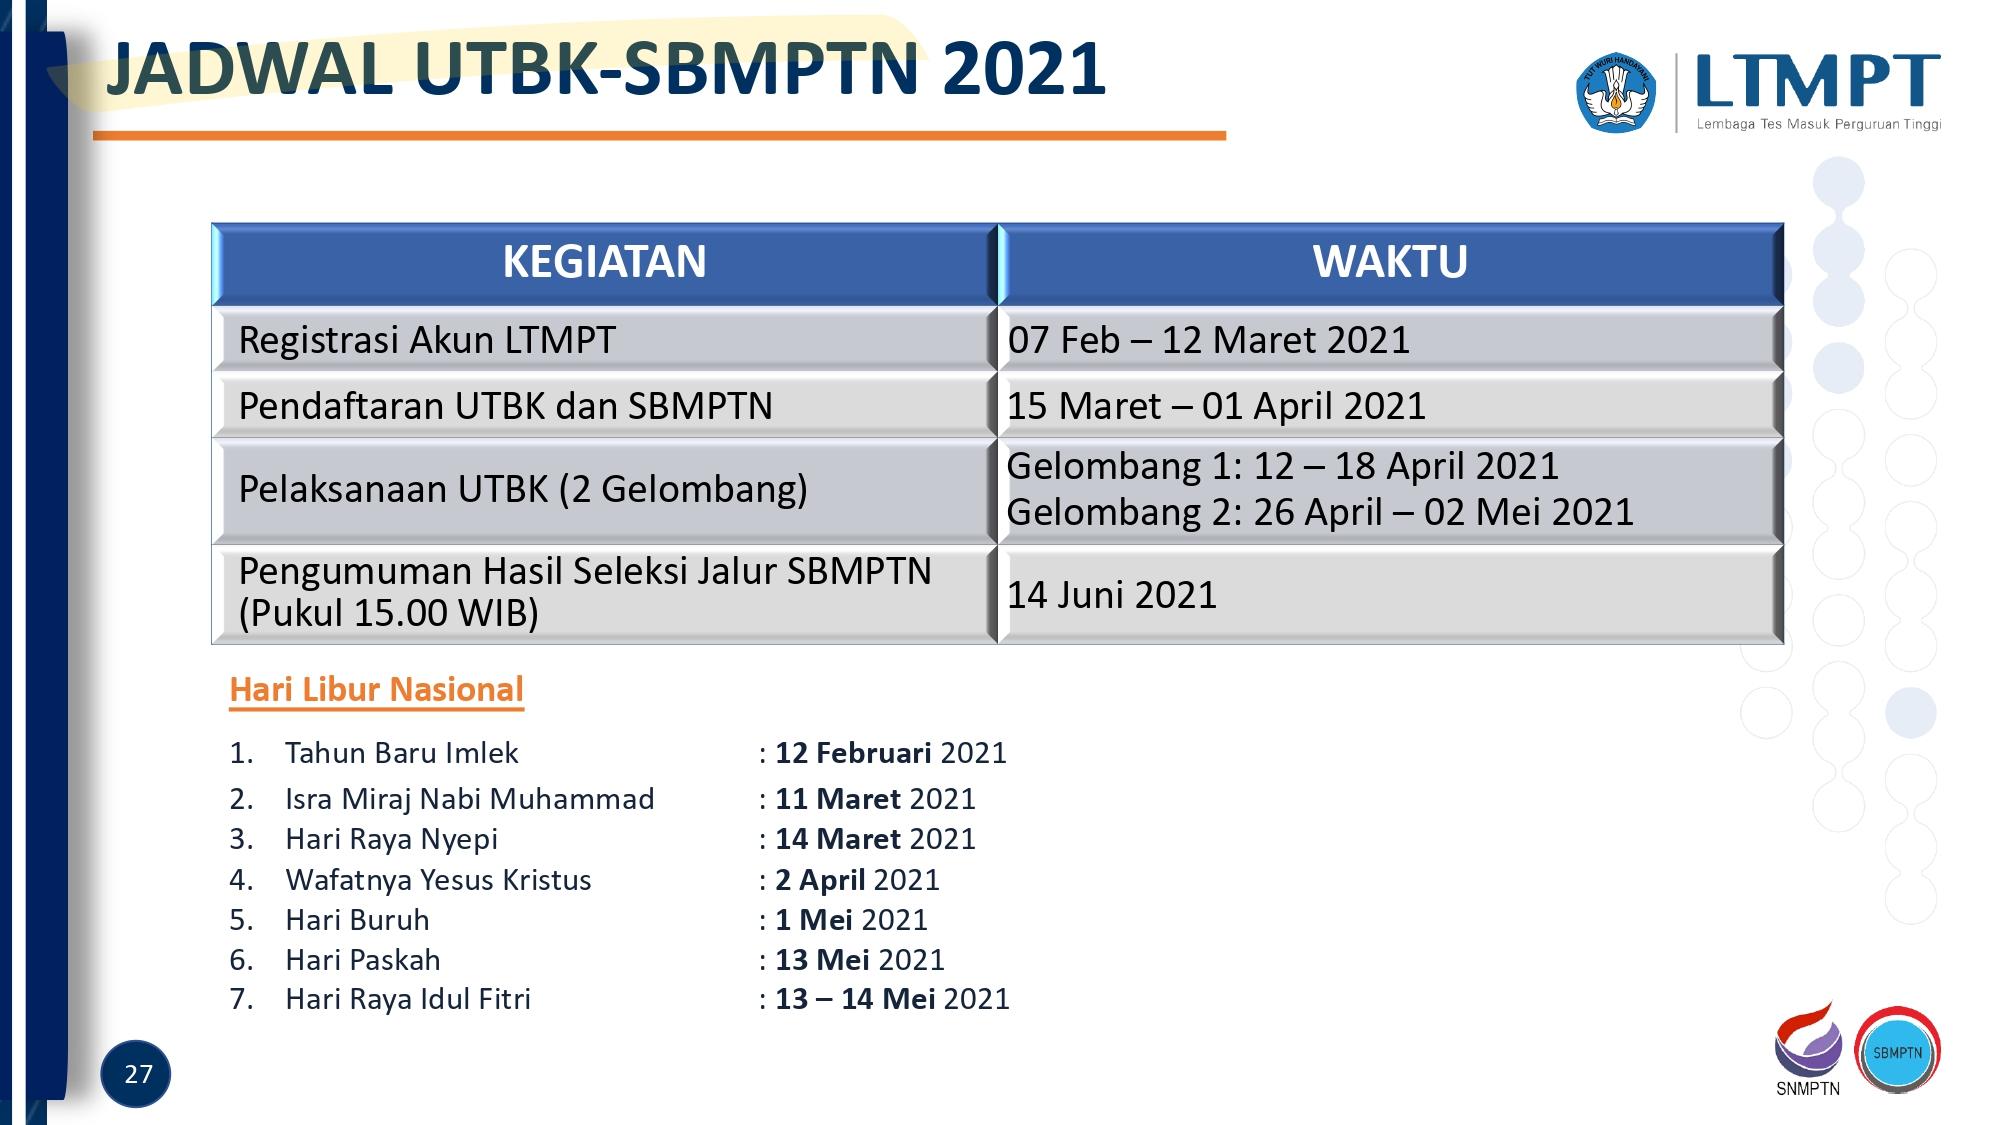 LTMPT: Jadwal UTBK Tahun 2021 dan Informasi Terbaru Dalam Seleksi Masuk PTN Tahun 2021